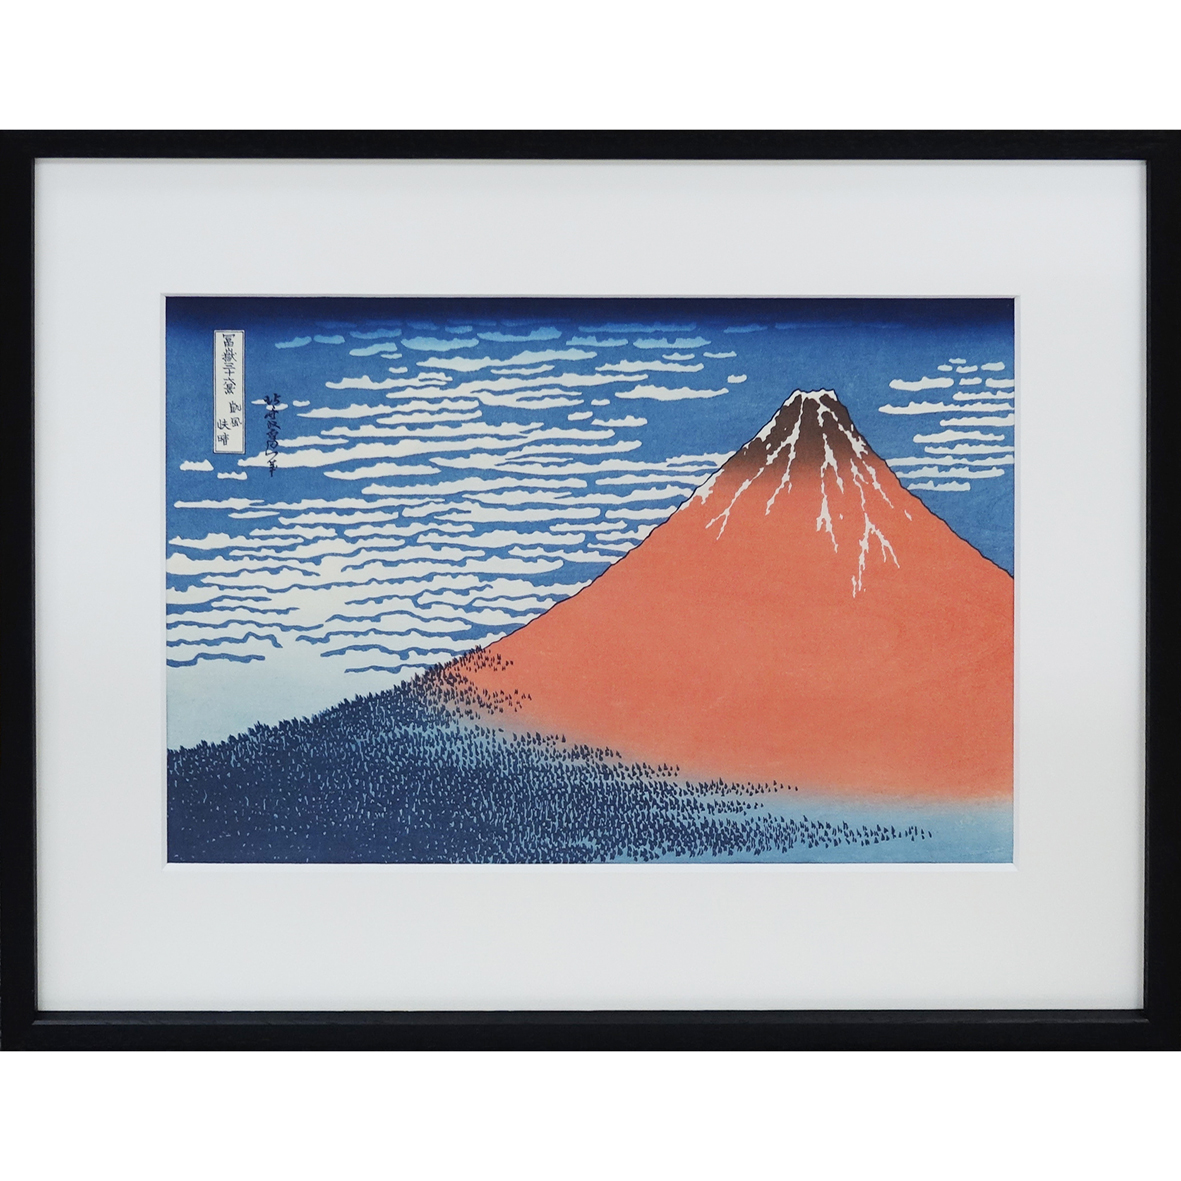 葛飾北斎「凱風快晴」復刻版(額装品)